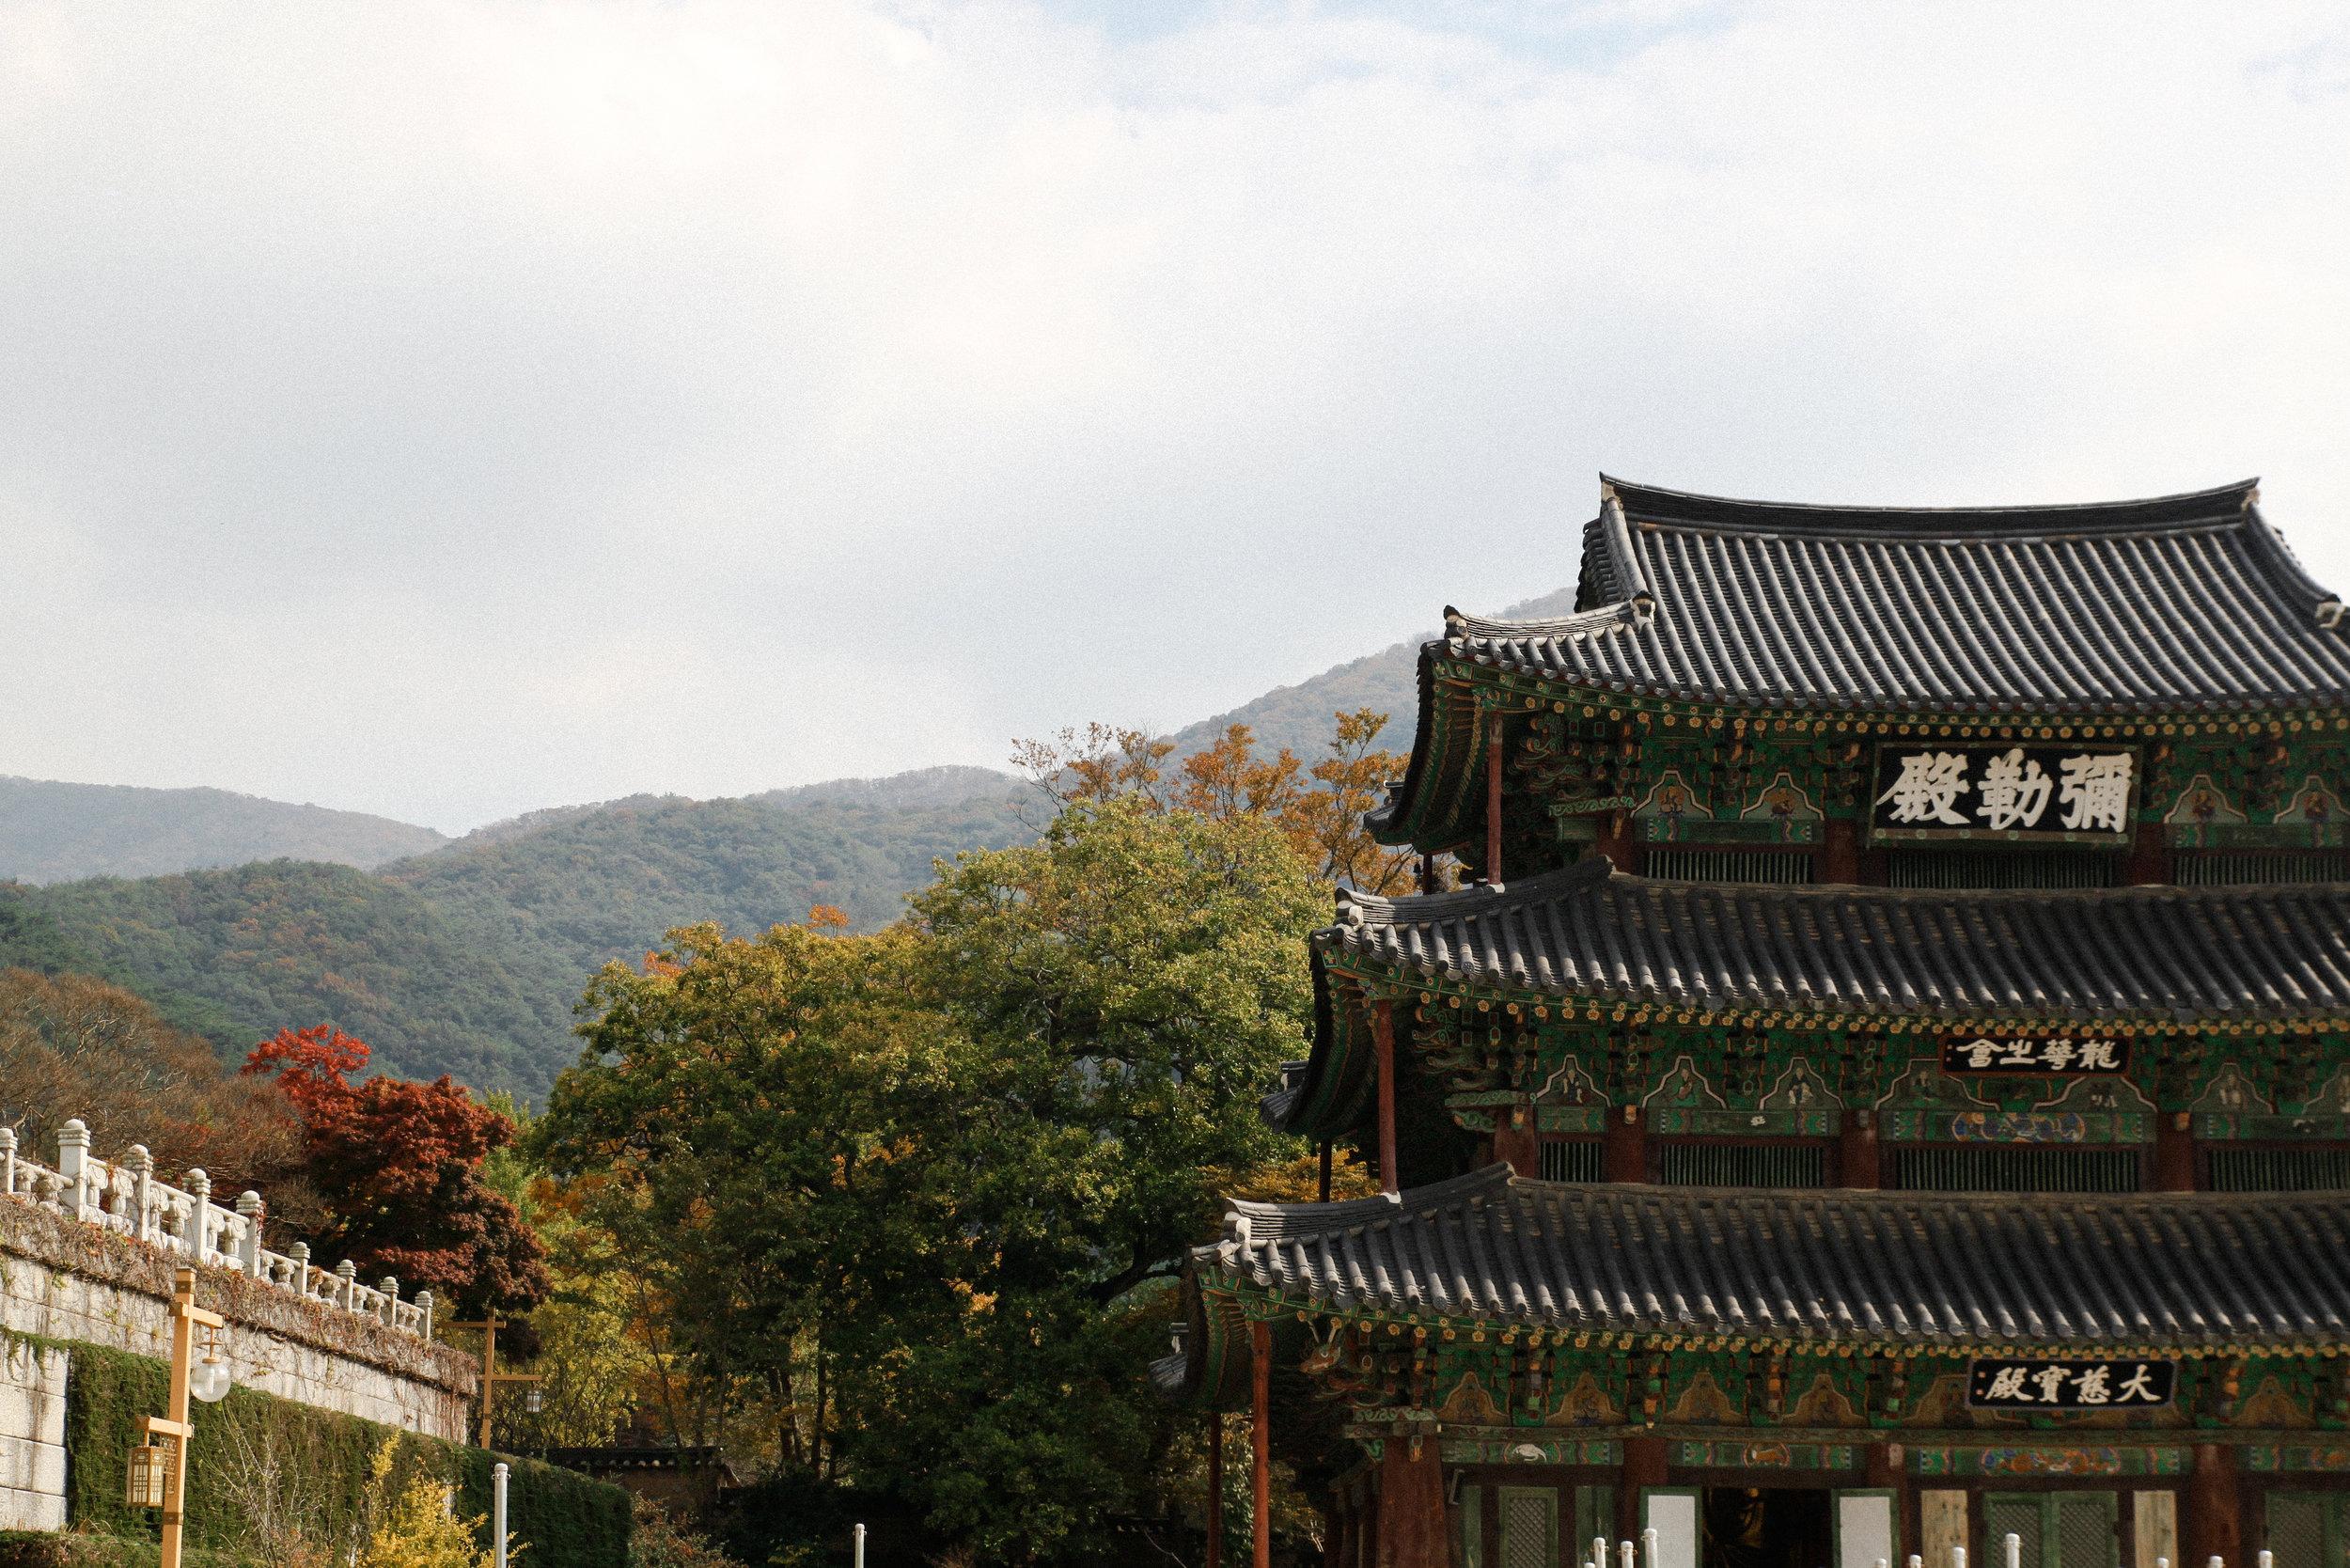 SOUTH KOREA KINDNESS